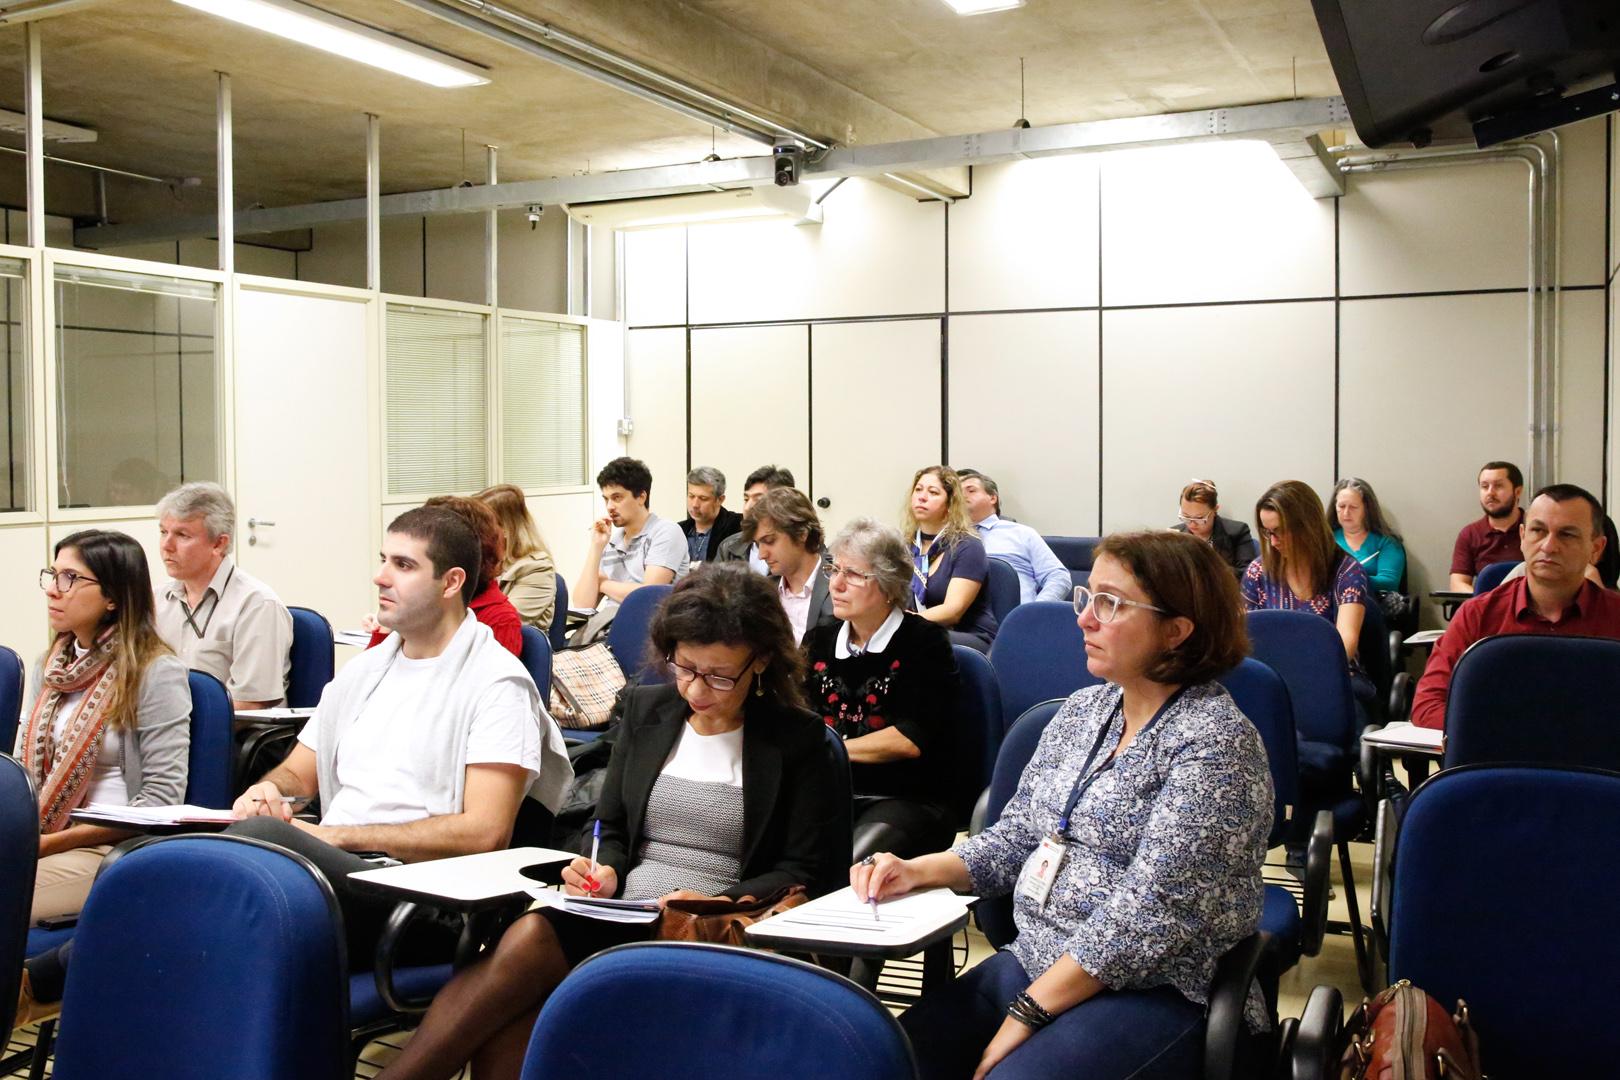 Partilha de cotas sociais e de bens localizados no exterior são estudados no curso 'Temas atuais de Direito de Família'